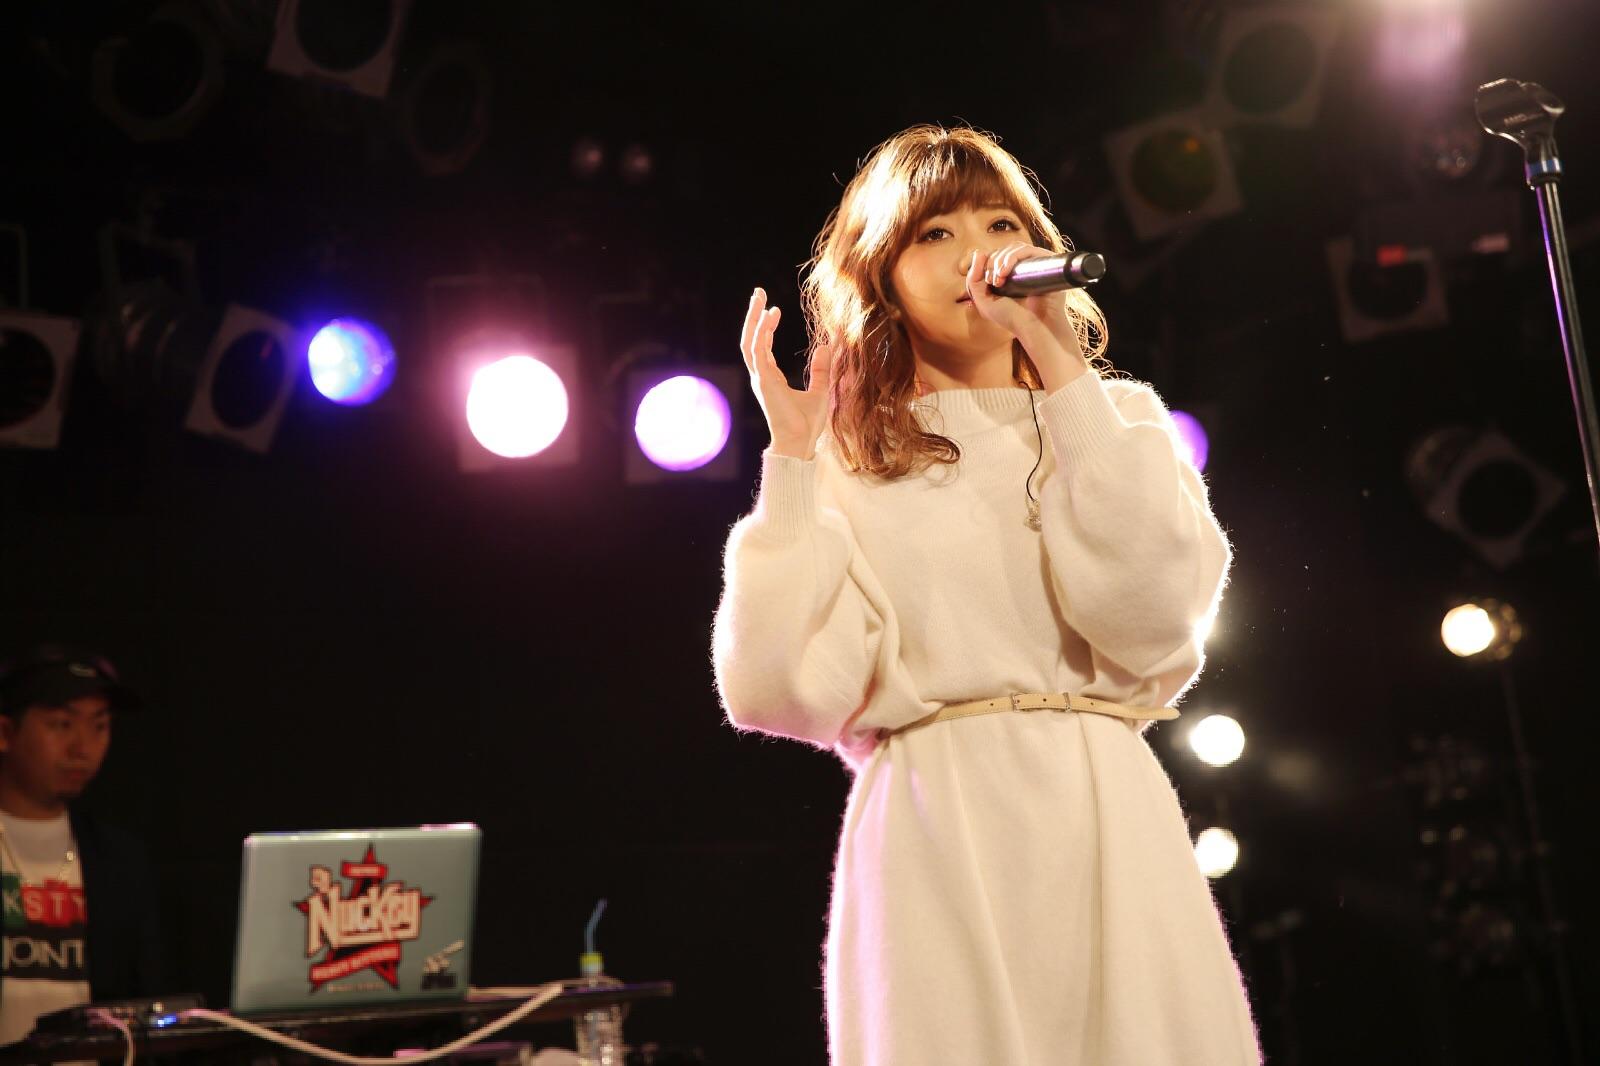 MACO、新曲「Kiss」をファンクラブイベントで初披露!サムネイル画像